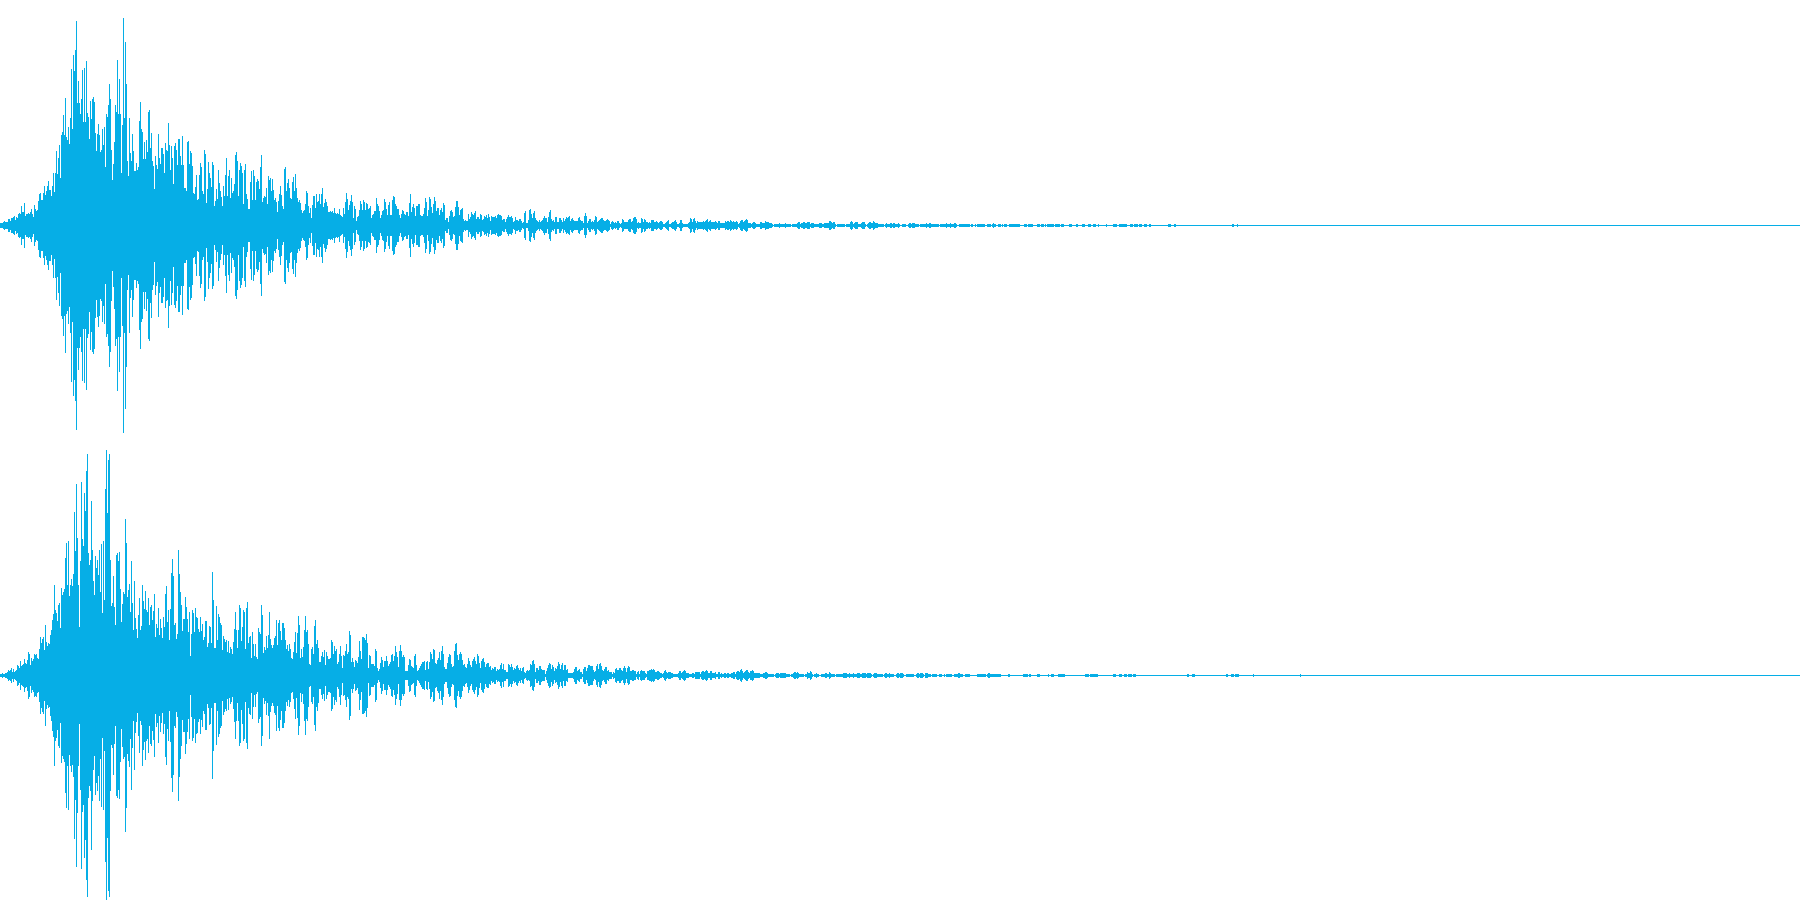 突然攻撃された音 RPG ゲーム すどんの再生済みの波形